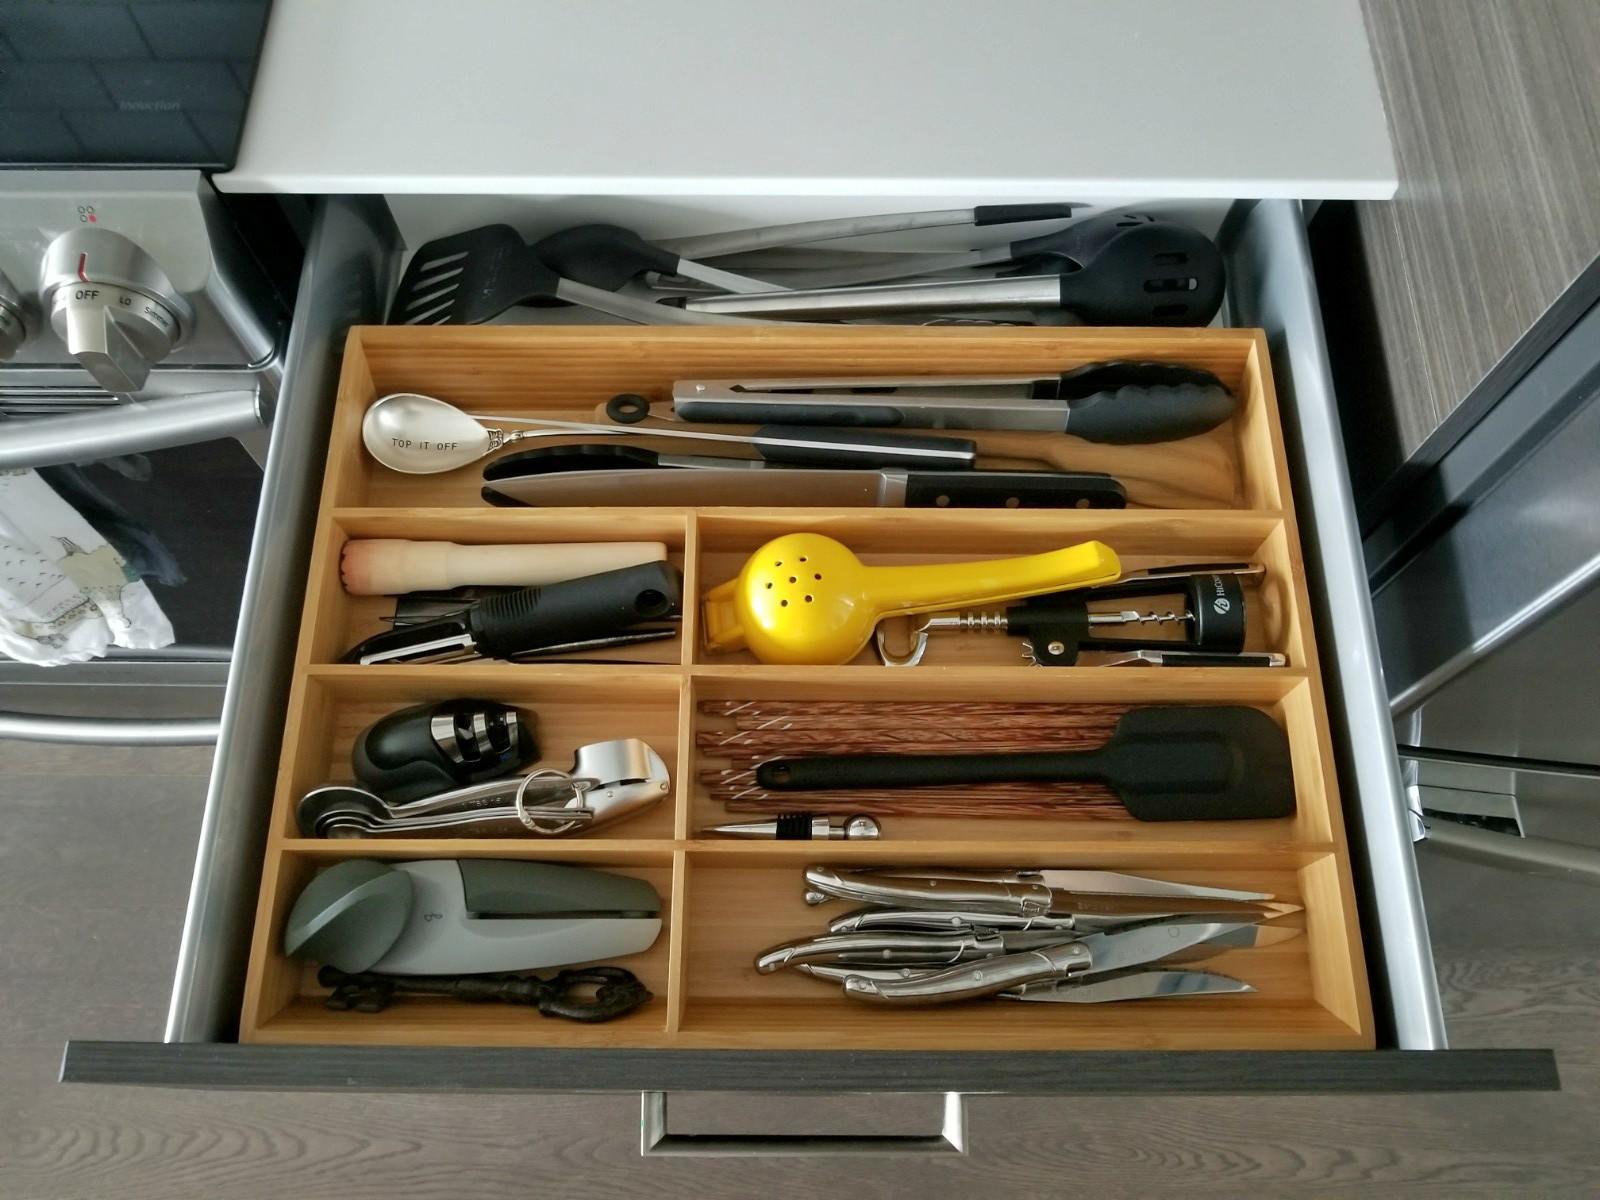 Ikea utensil organizers